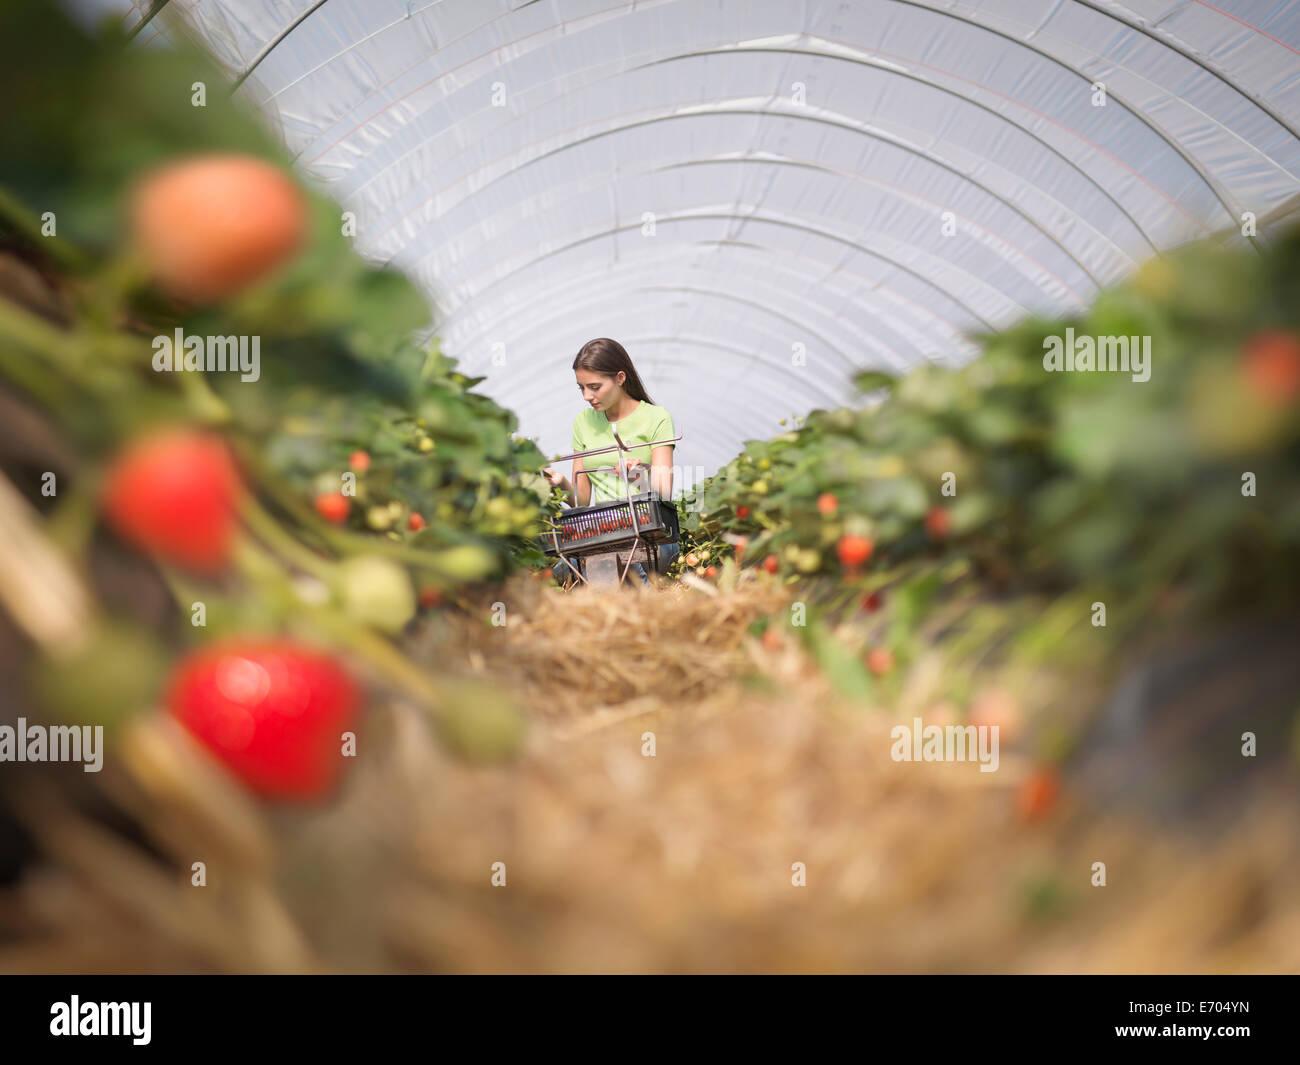 Trabajador recogiendo fresas en granja de frutas Imagen De Stock